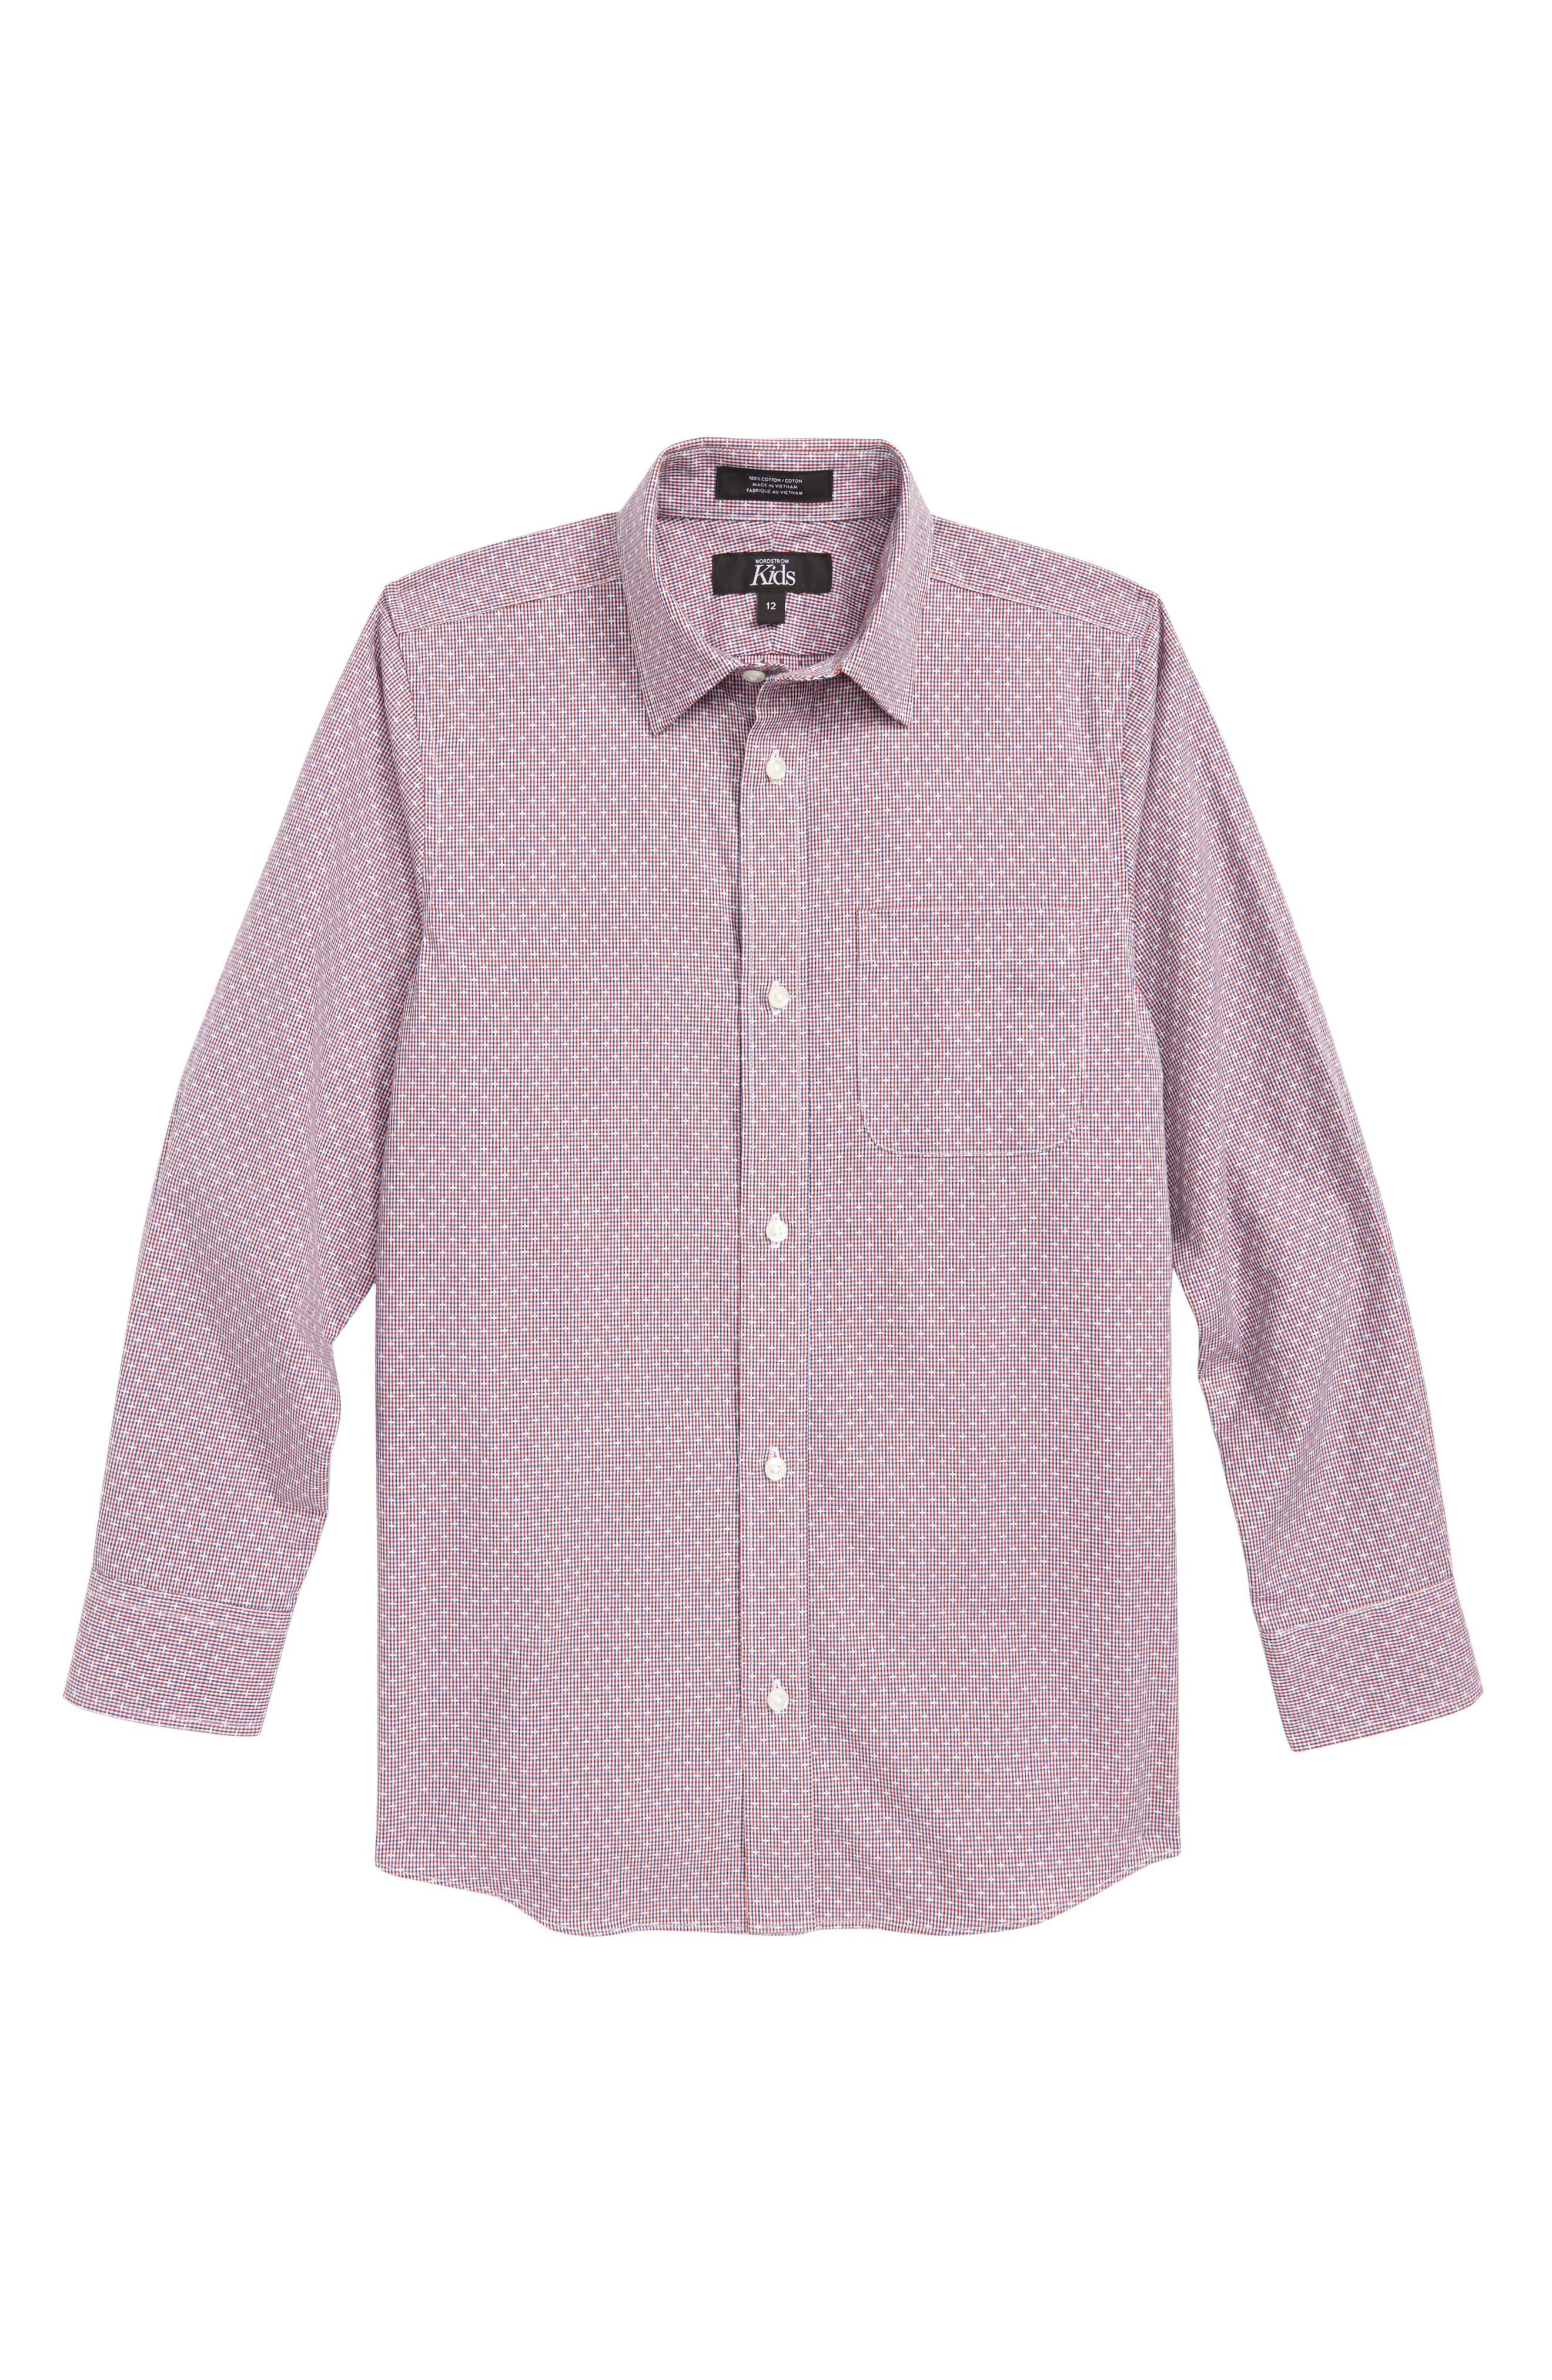 Check Dress Shirt,                             Main thumbnail 1, color,                             601